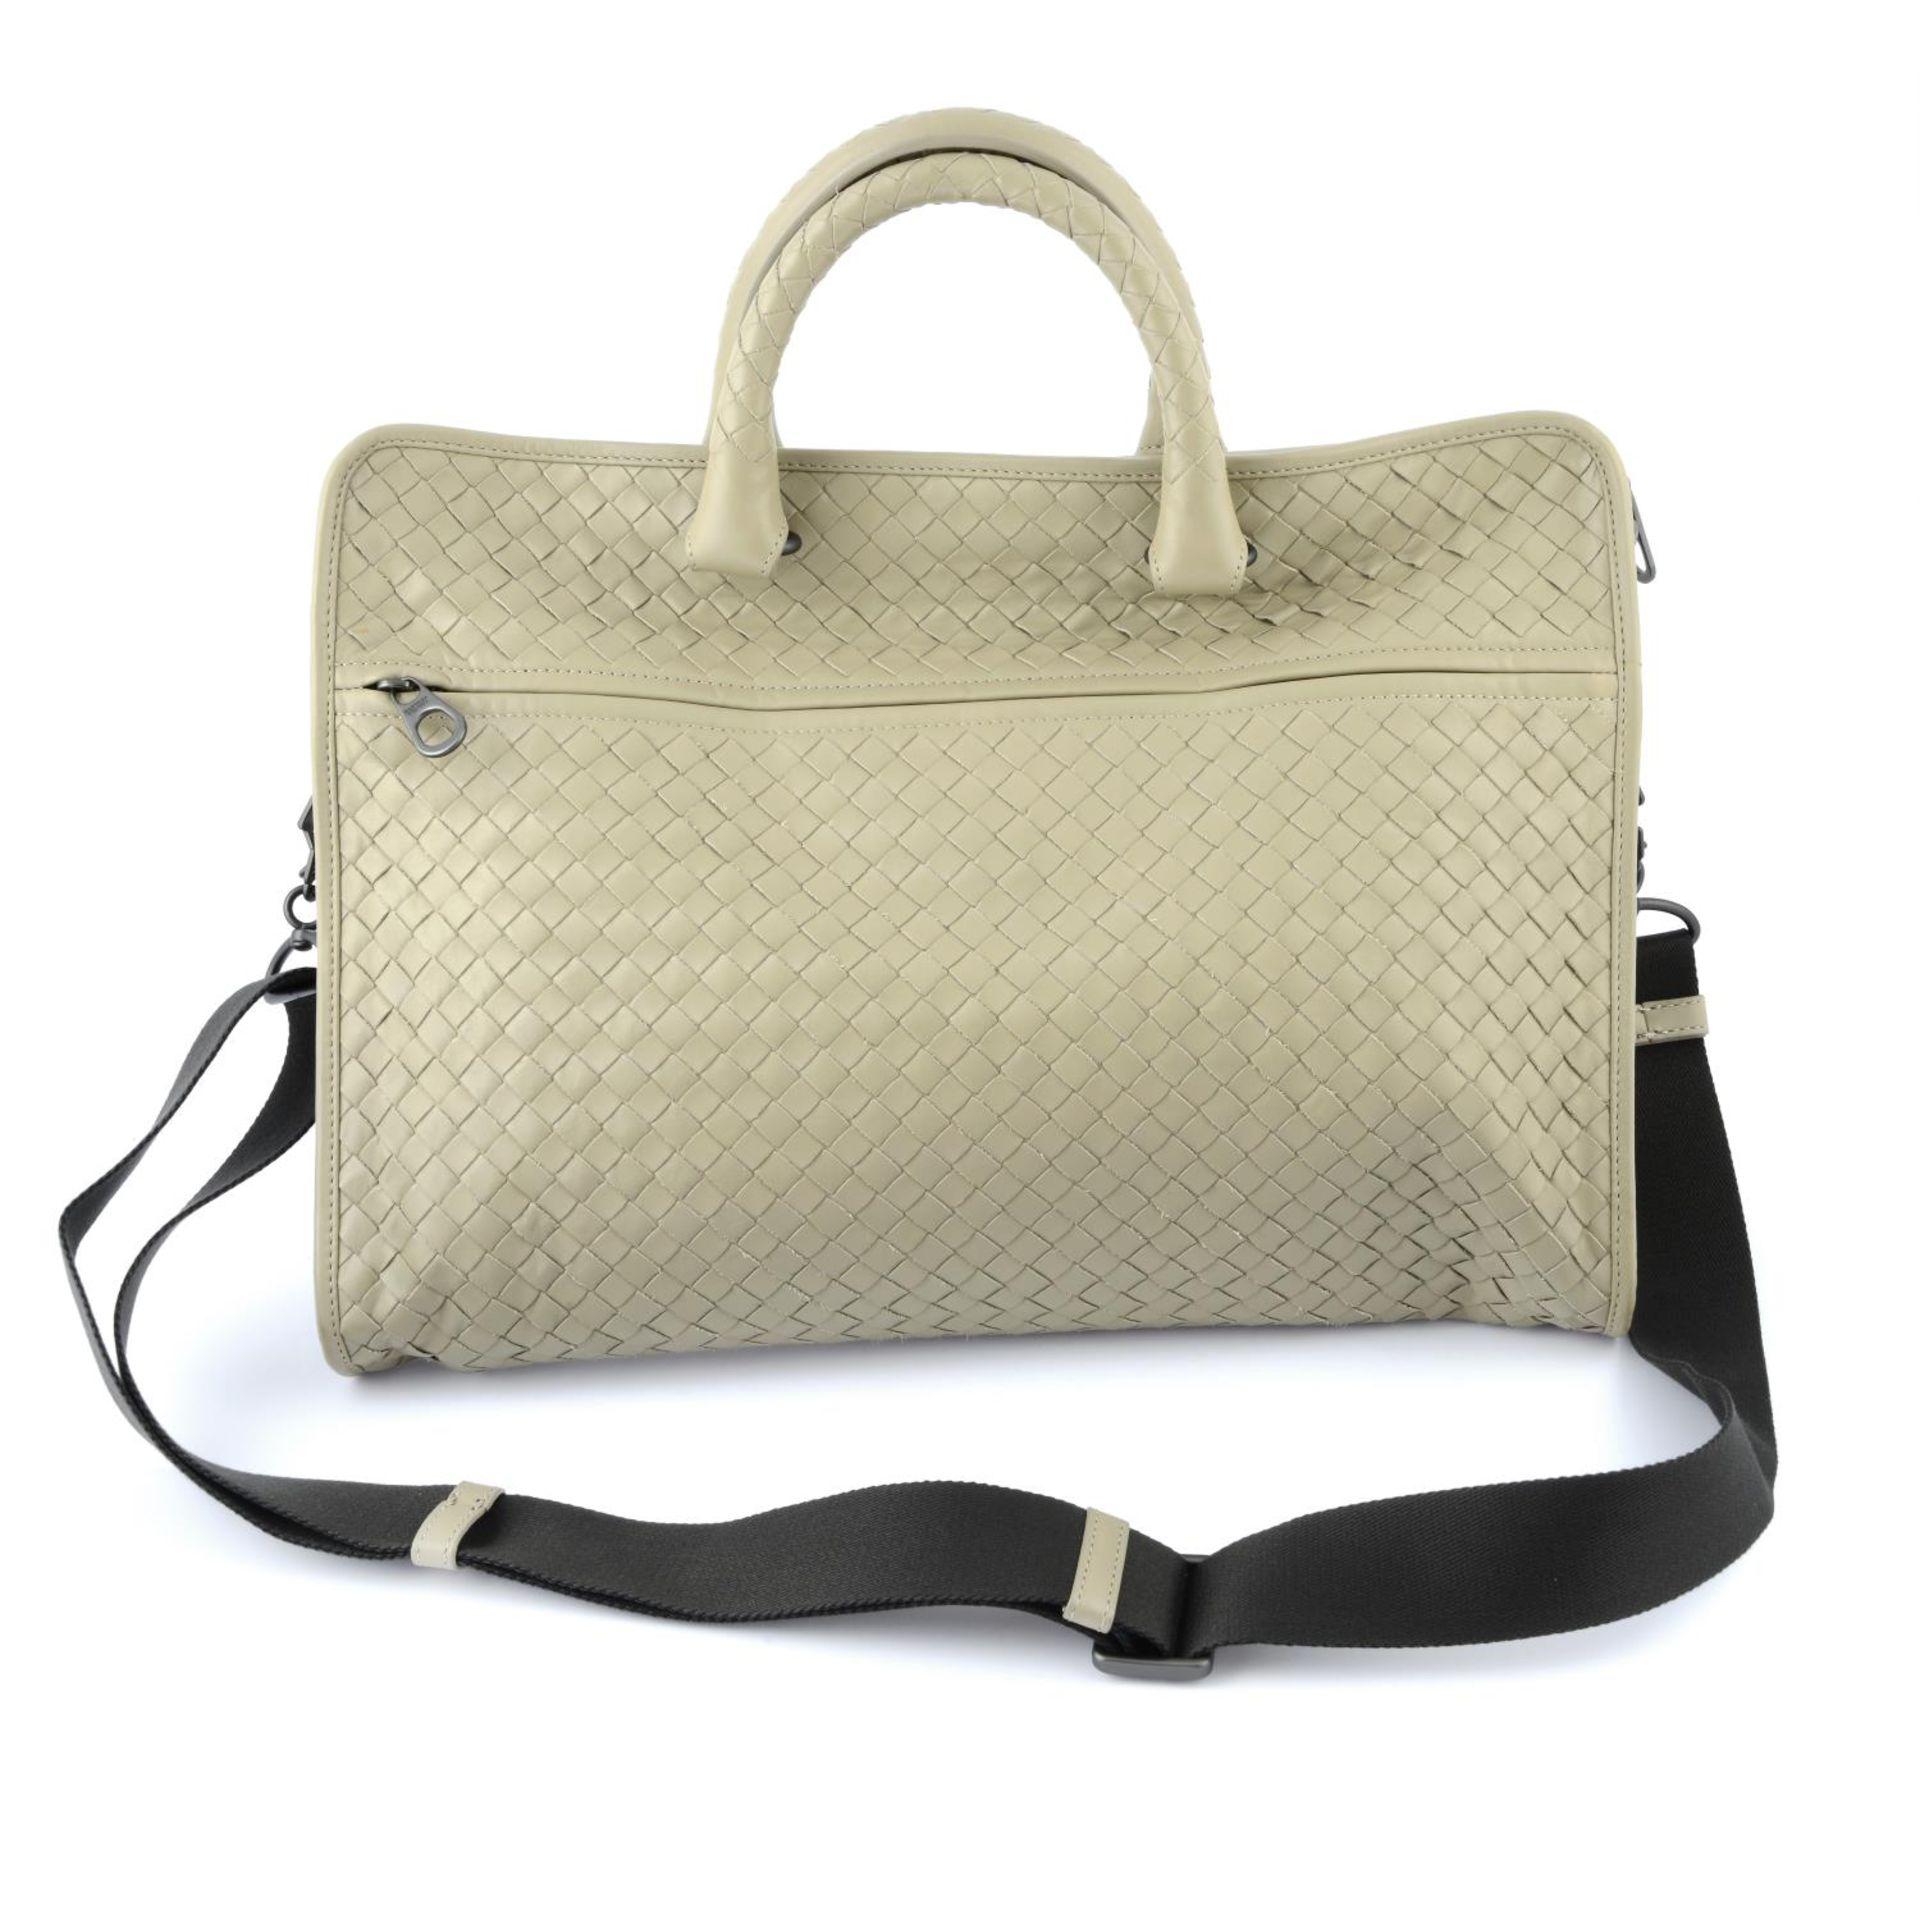 BOTTEGA VENETA - an Intrecciato briefcase. - Image 2 of 4